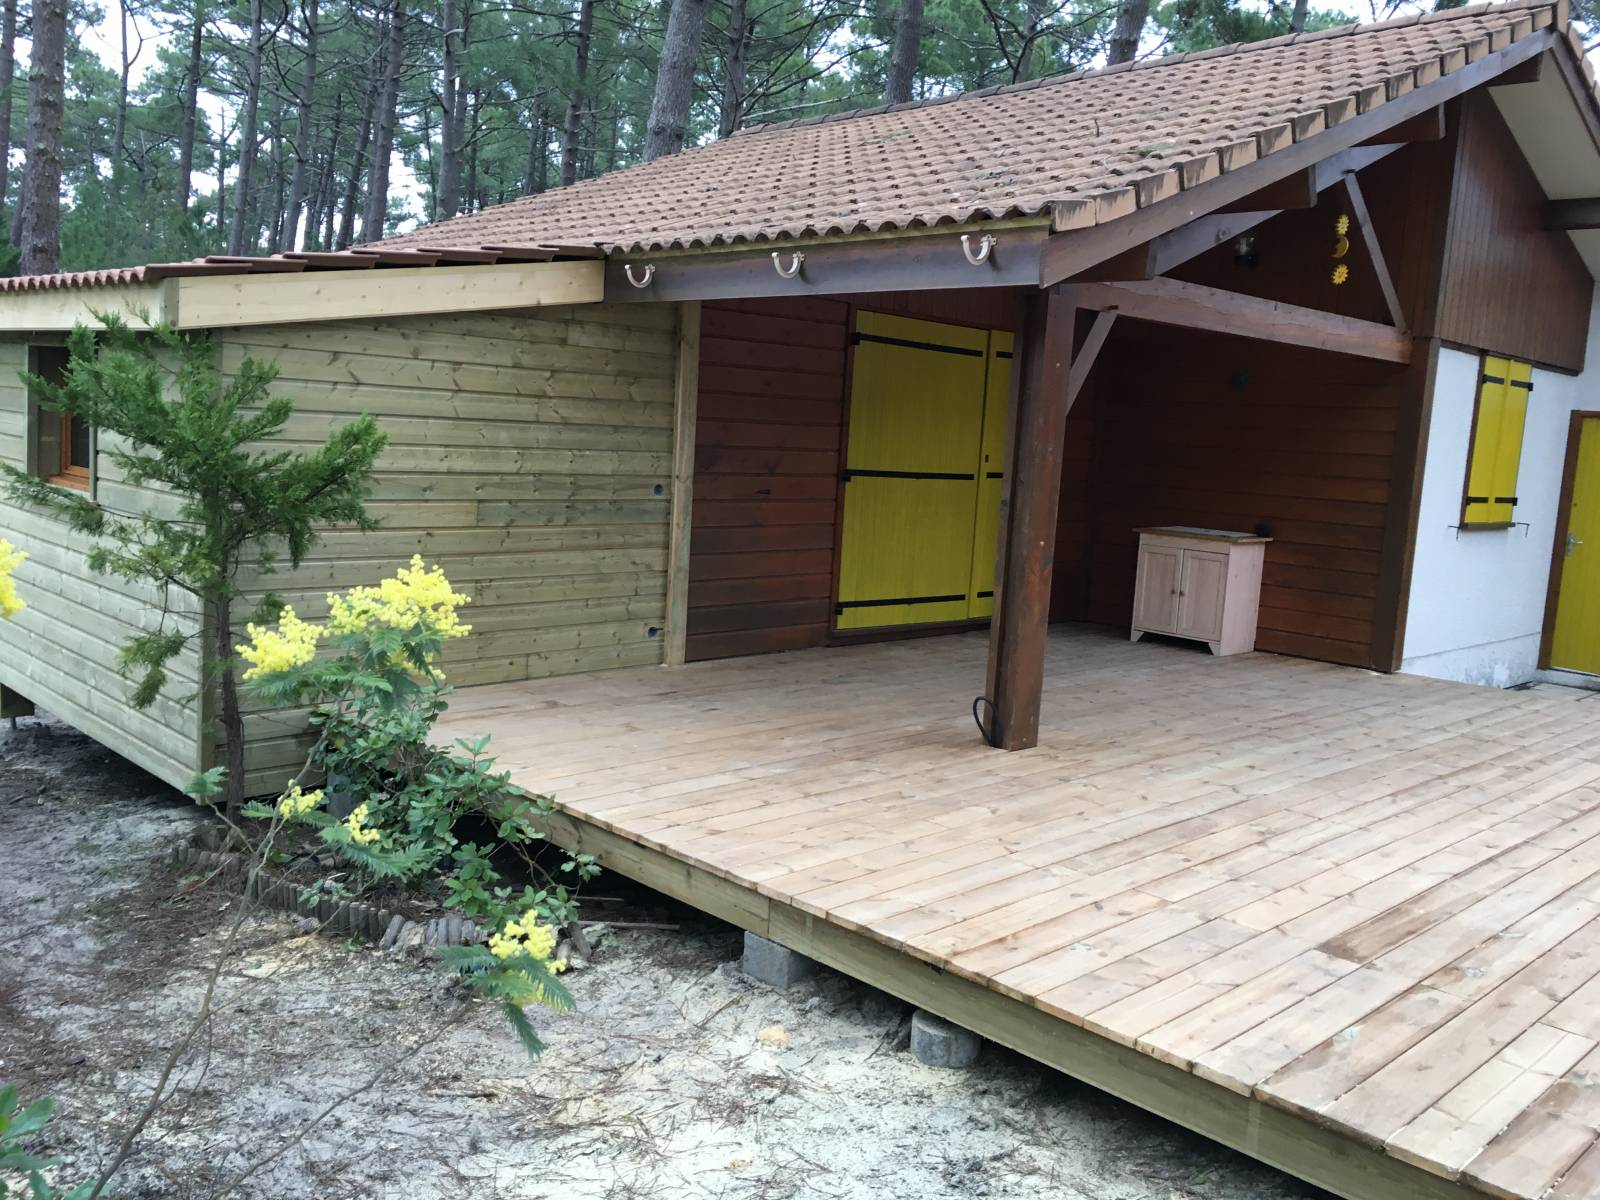 Realiser une terrasse gallery of jardin meditrannen - Realiser une terrasse en bois ...